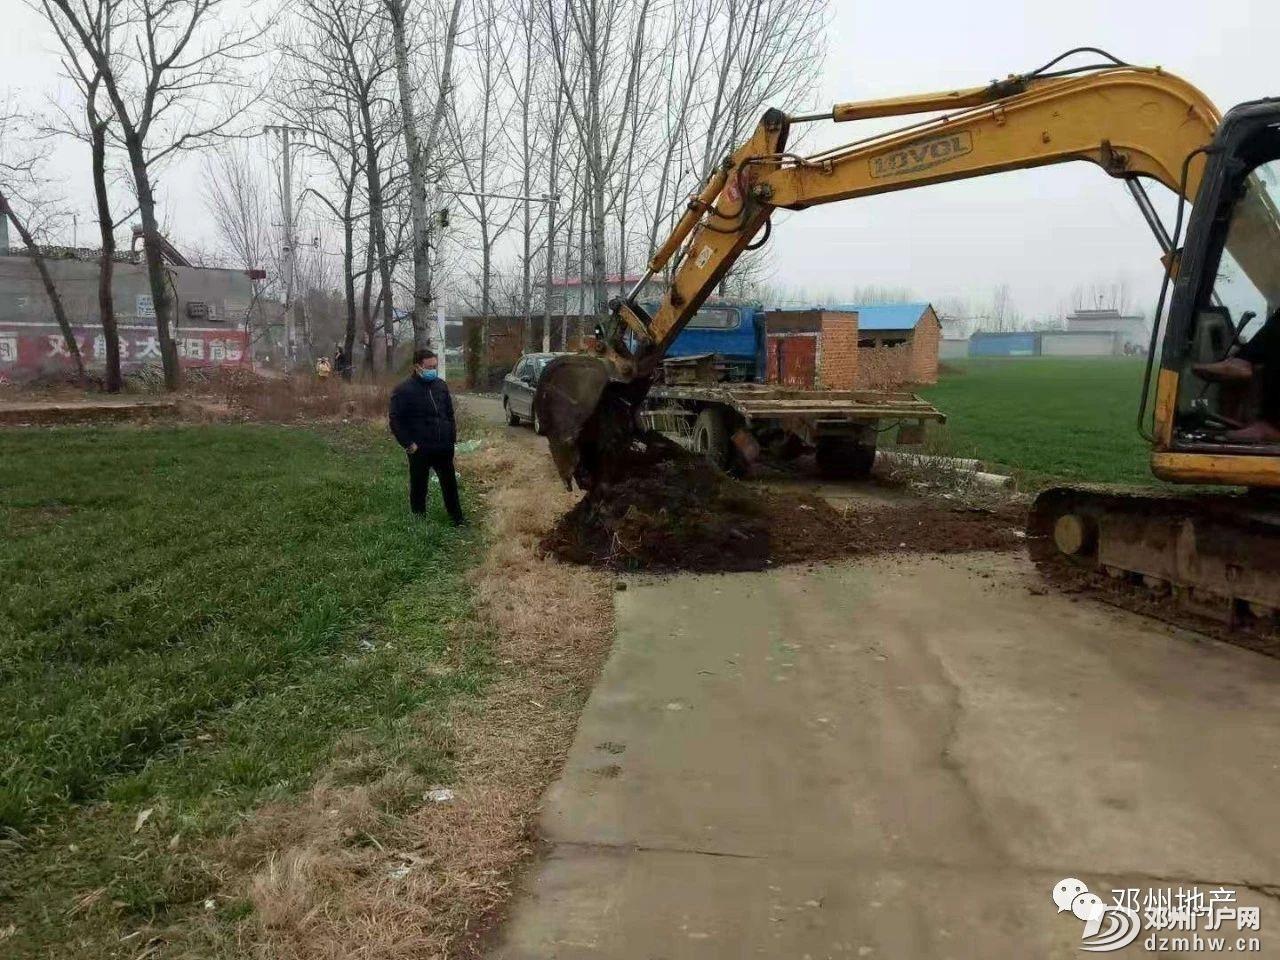 南阳已经确诊8例,各县区切断与湖北道路.... - 邓州门户网|邓州网 - f28b65d99dbb377b33dd1625c94fc15c.jpg